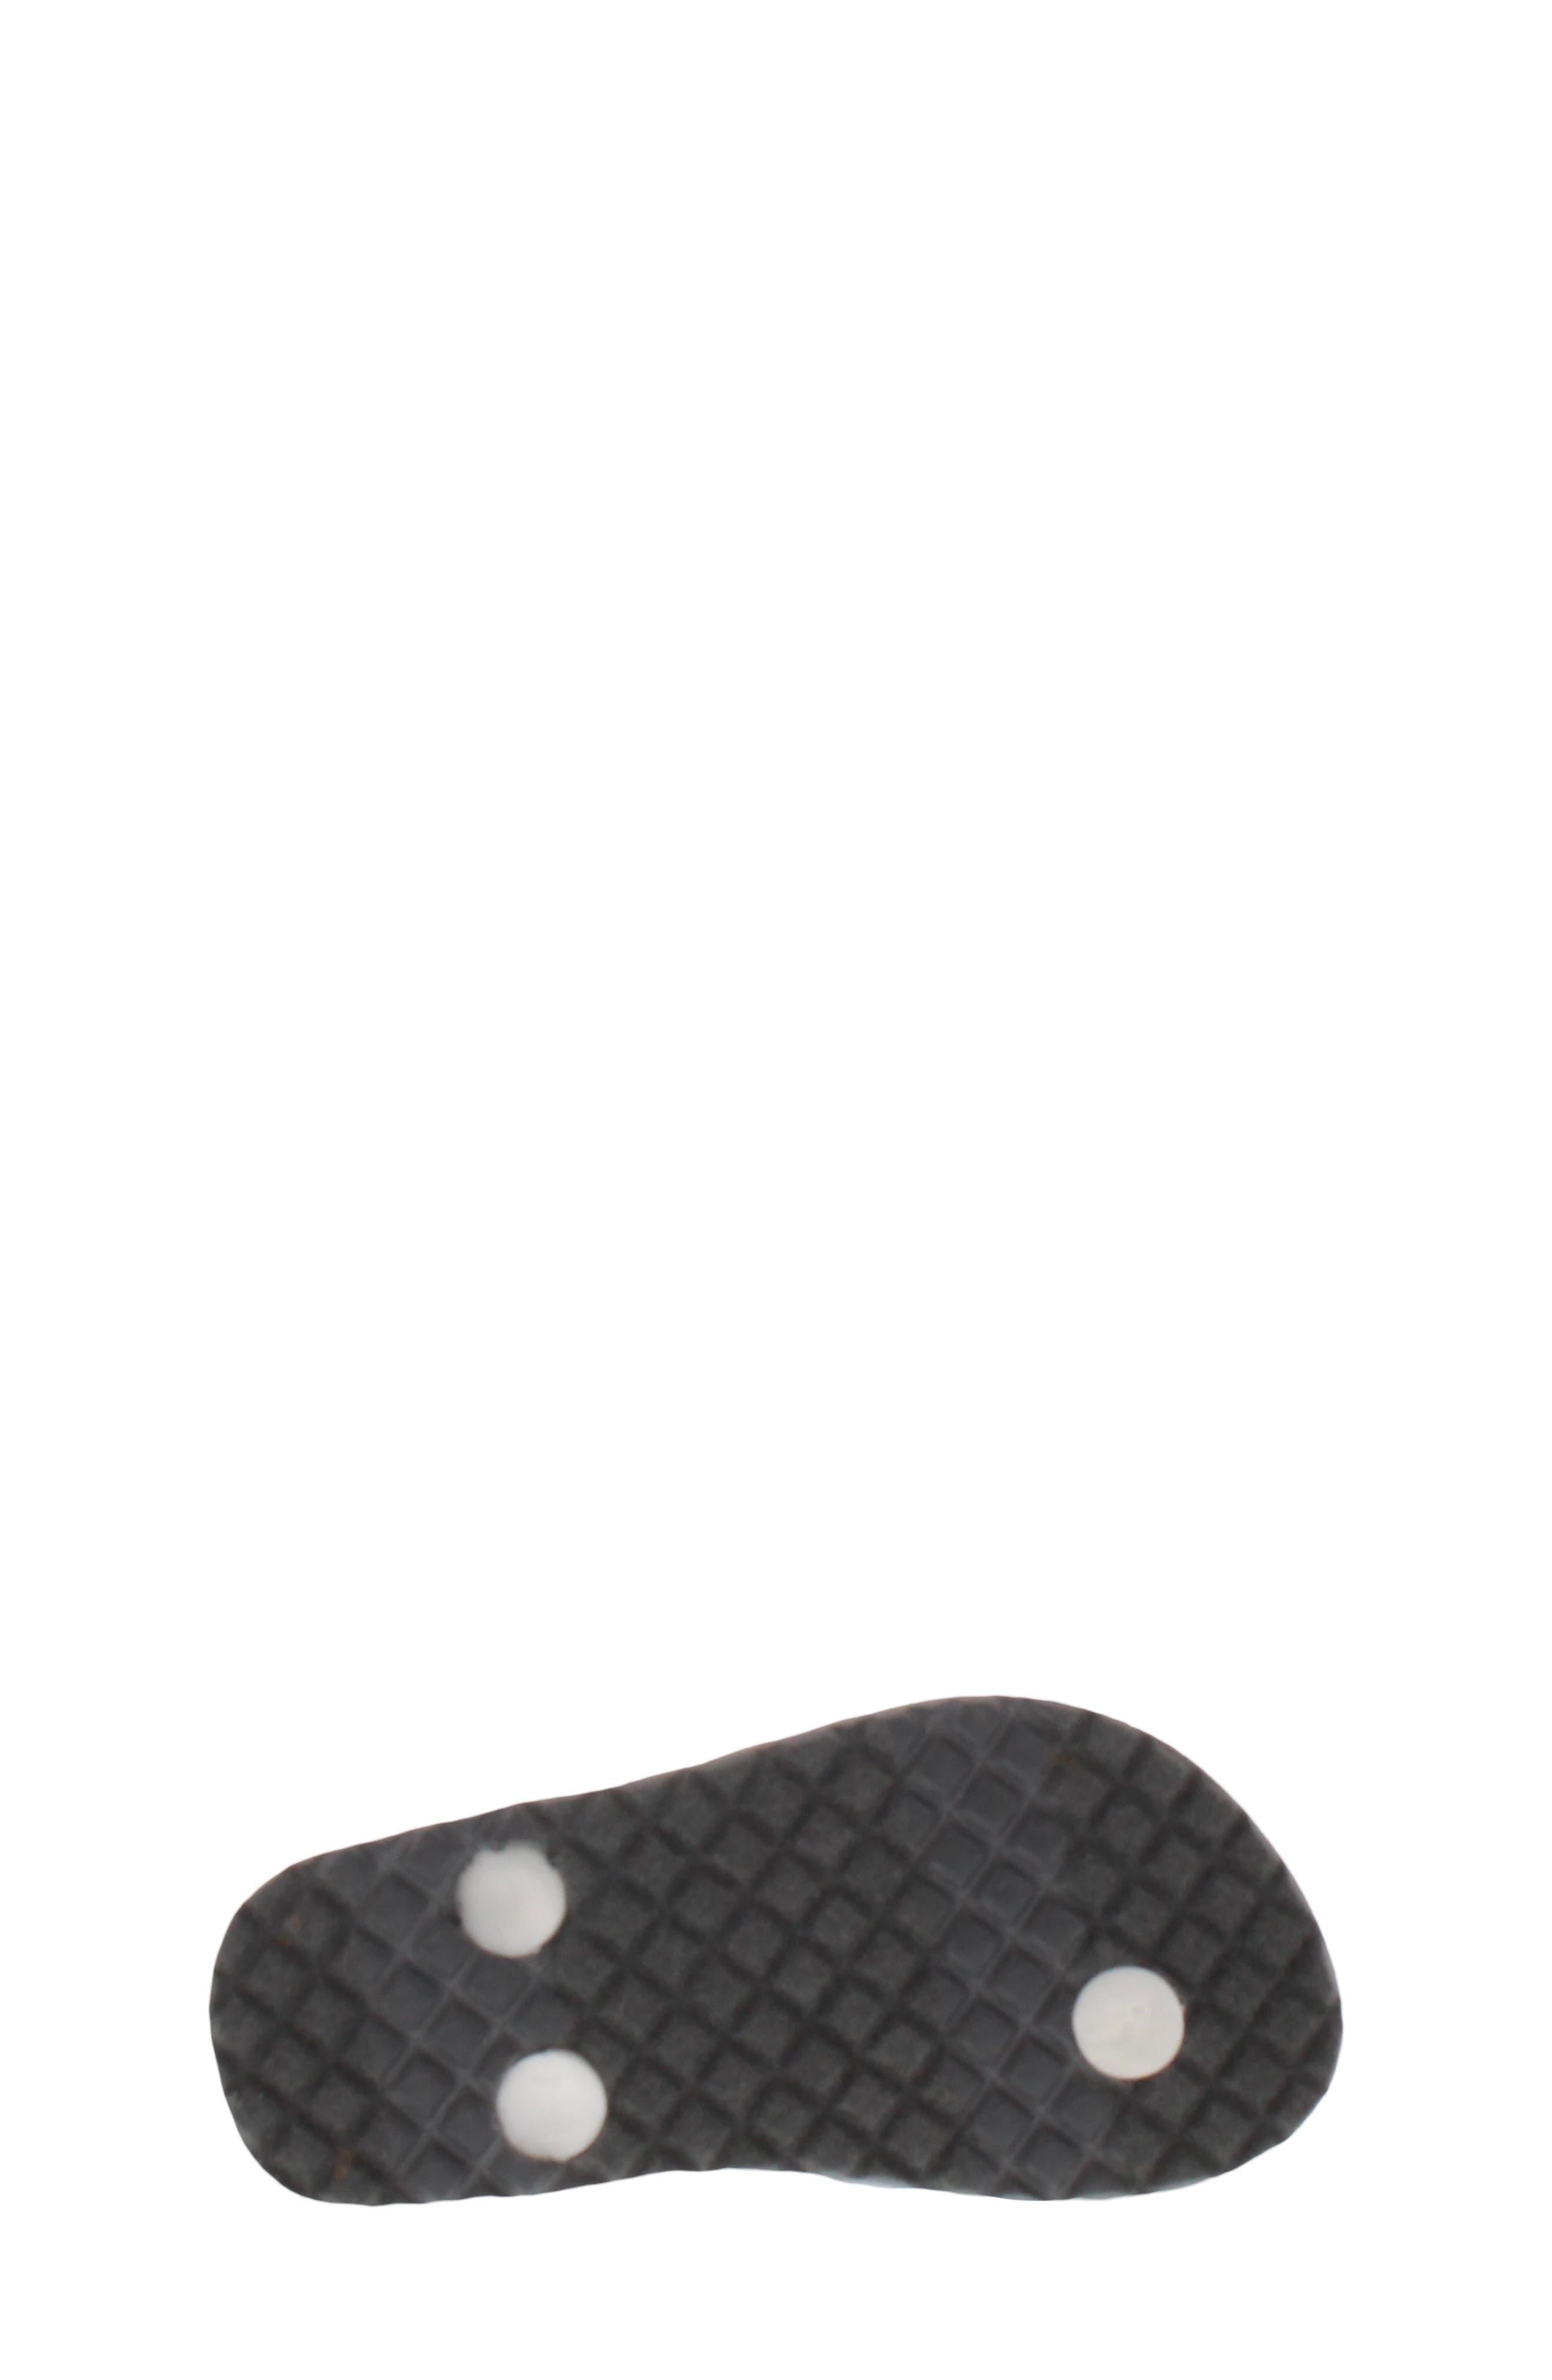 Endine Butterfly Sandal,                             Alternate thumbnail 6, color,                             BLACK GREY